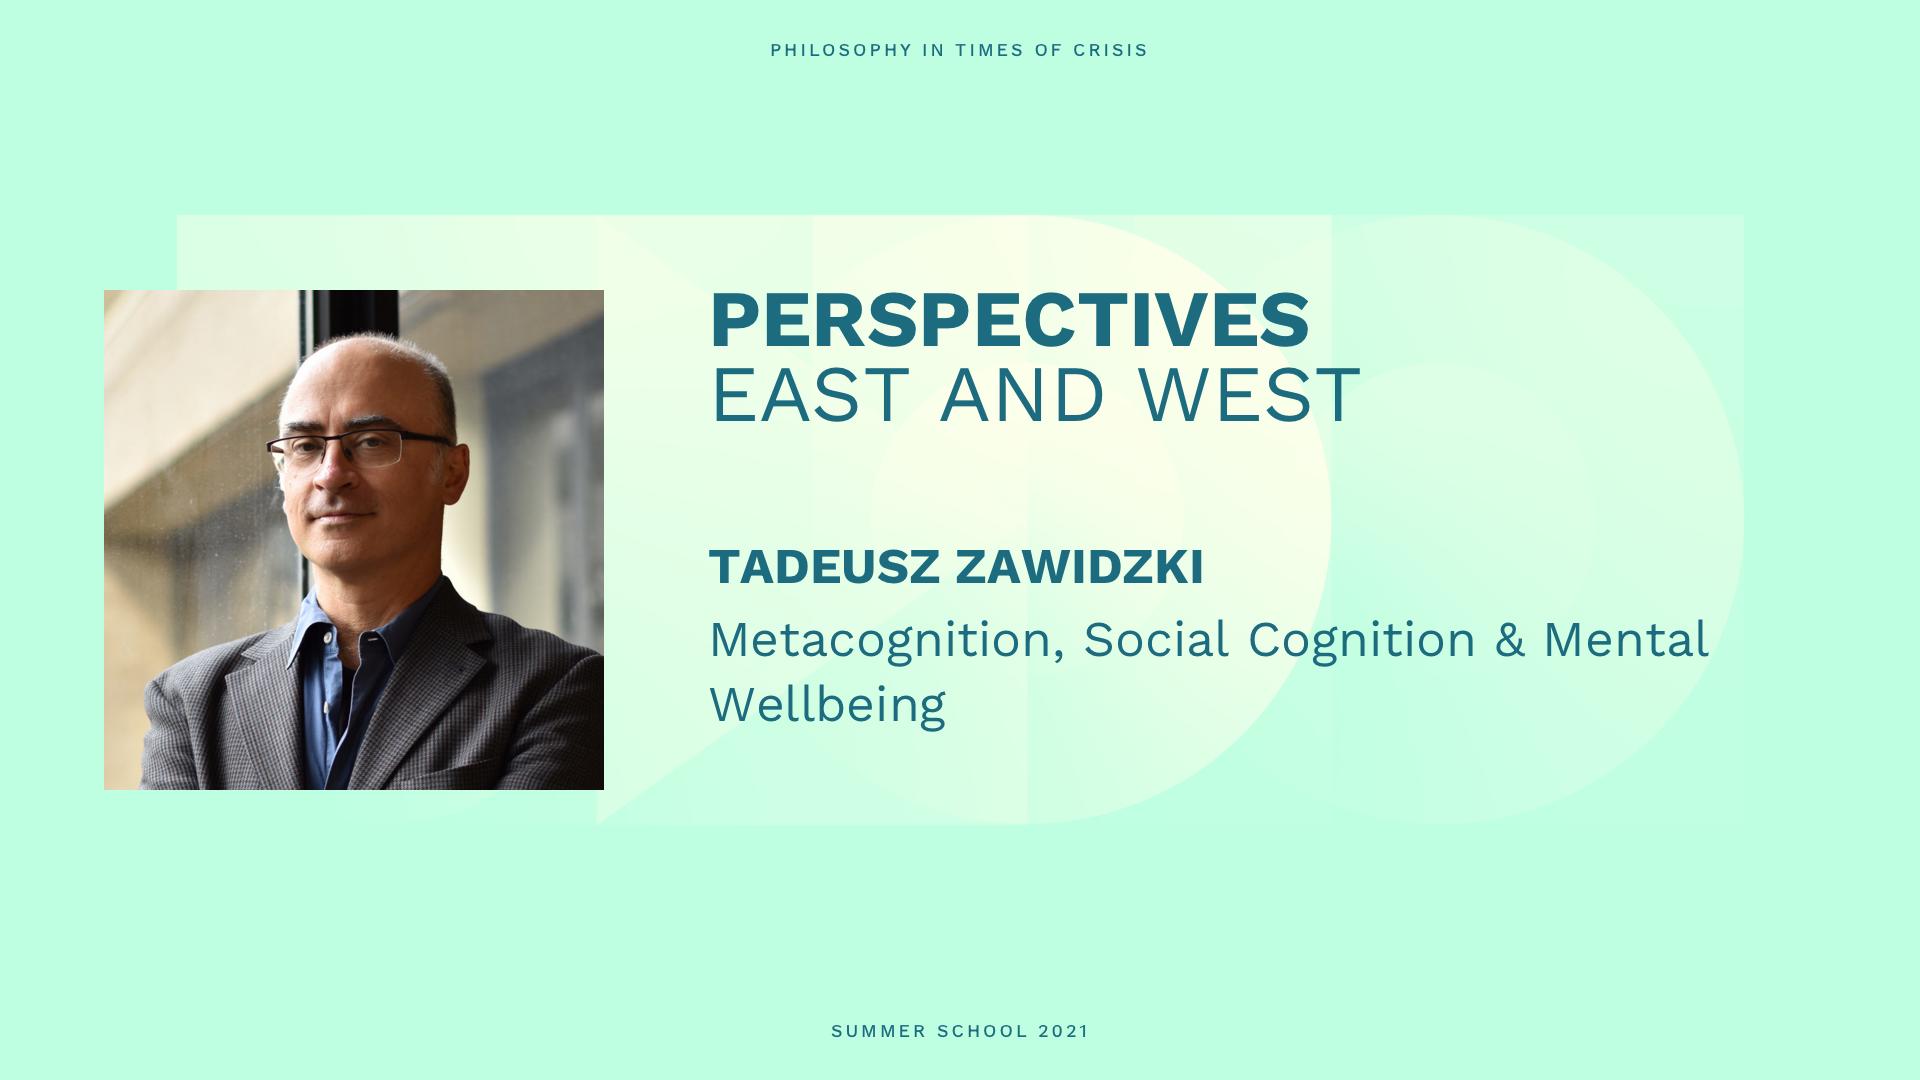 Tadeusz Zawidzki